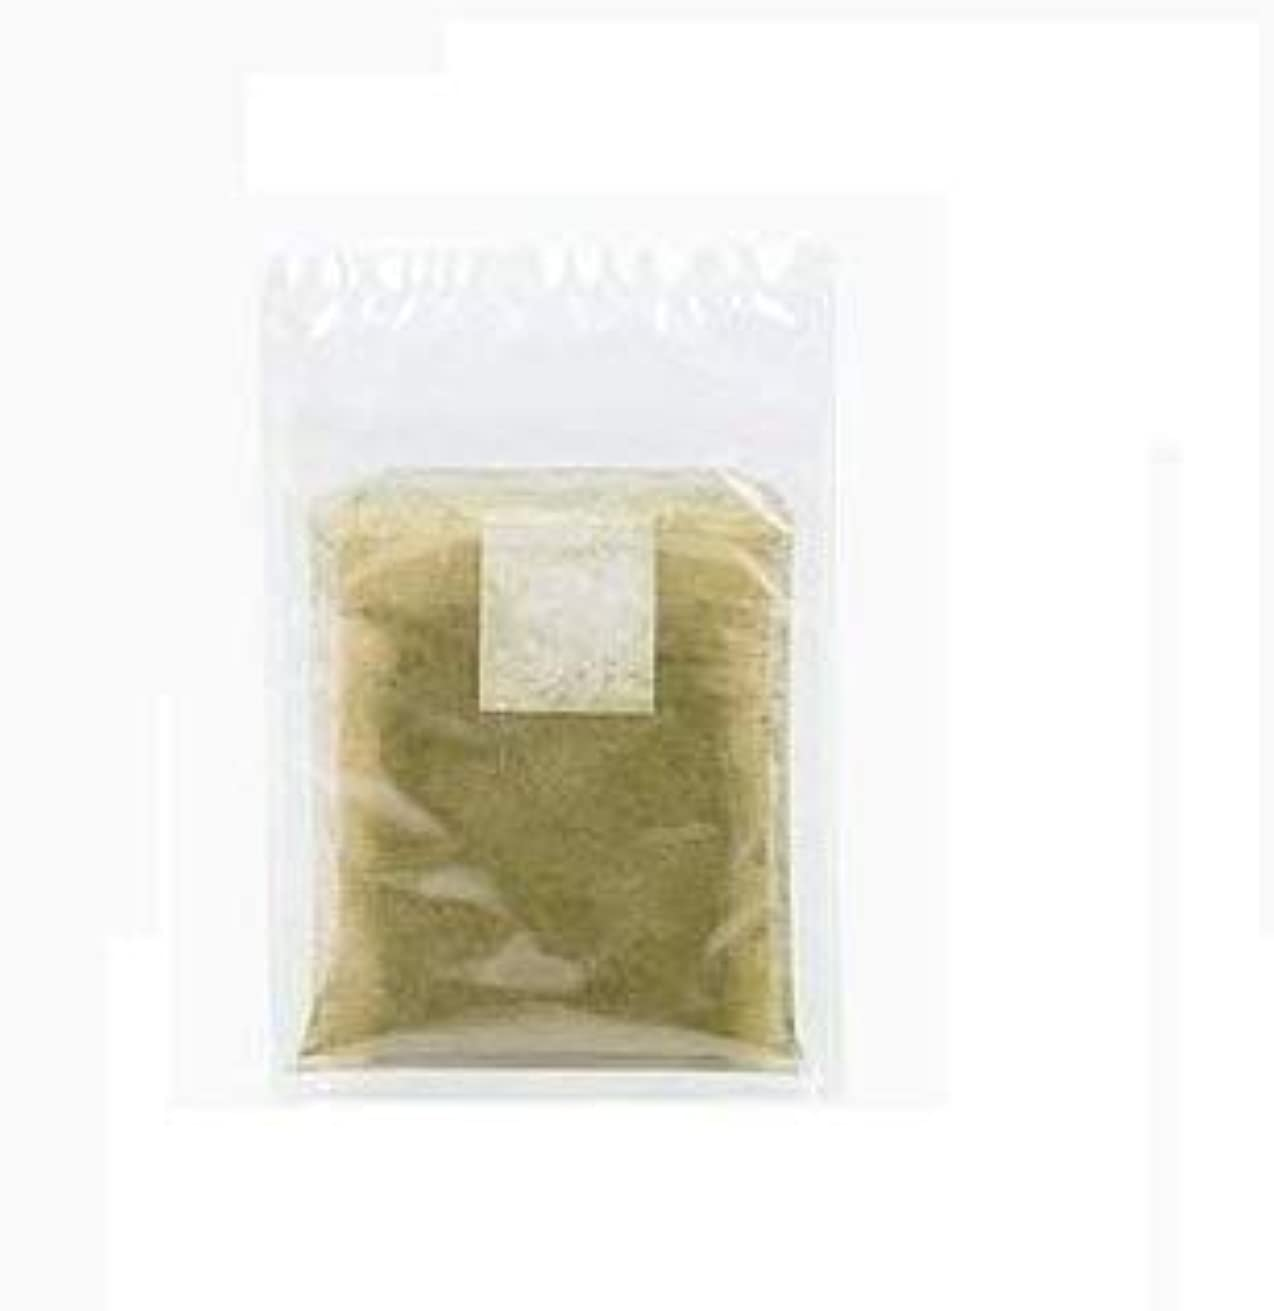 歩行者クランプ。メール便 美身麗茶 びしんれいちゃ 3g×15包 アップルティー味 ダイエット 健康茶 オーガニック デトックス スリム ヘルシー 美容 スリムボディ 日本製